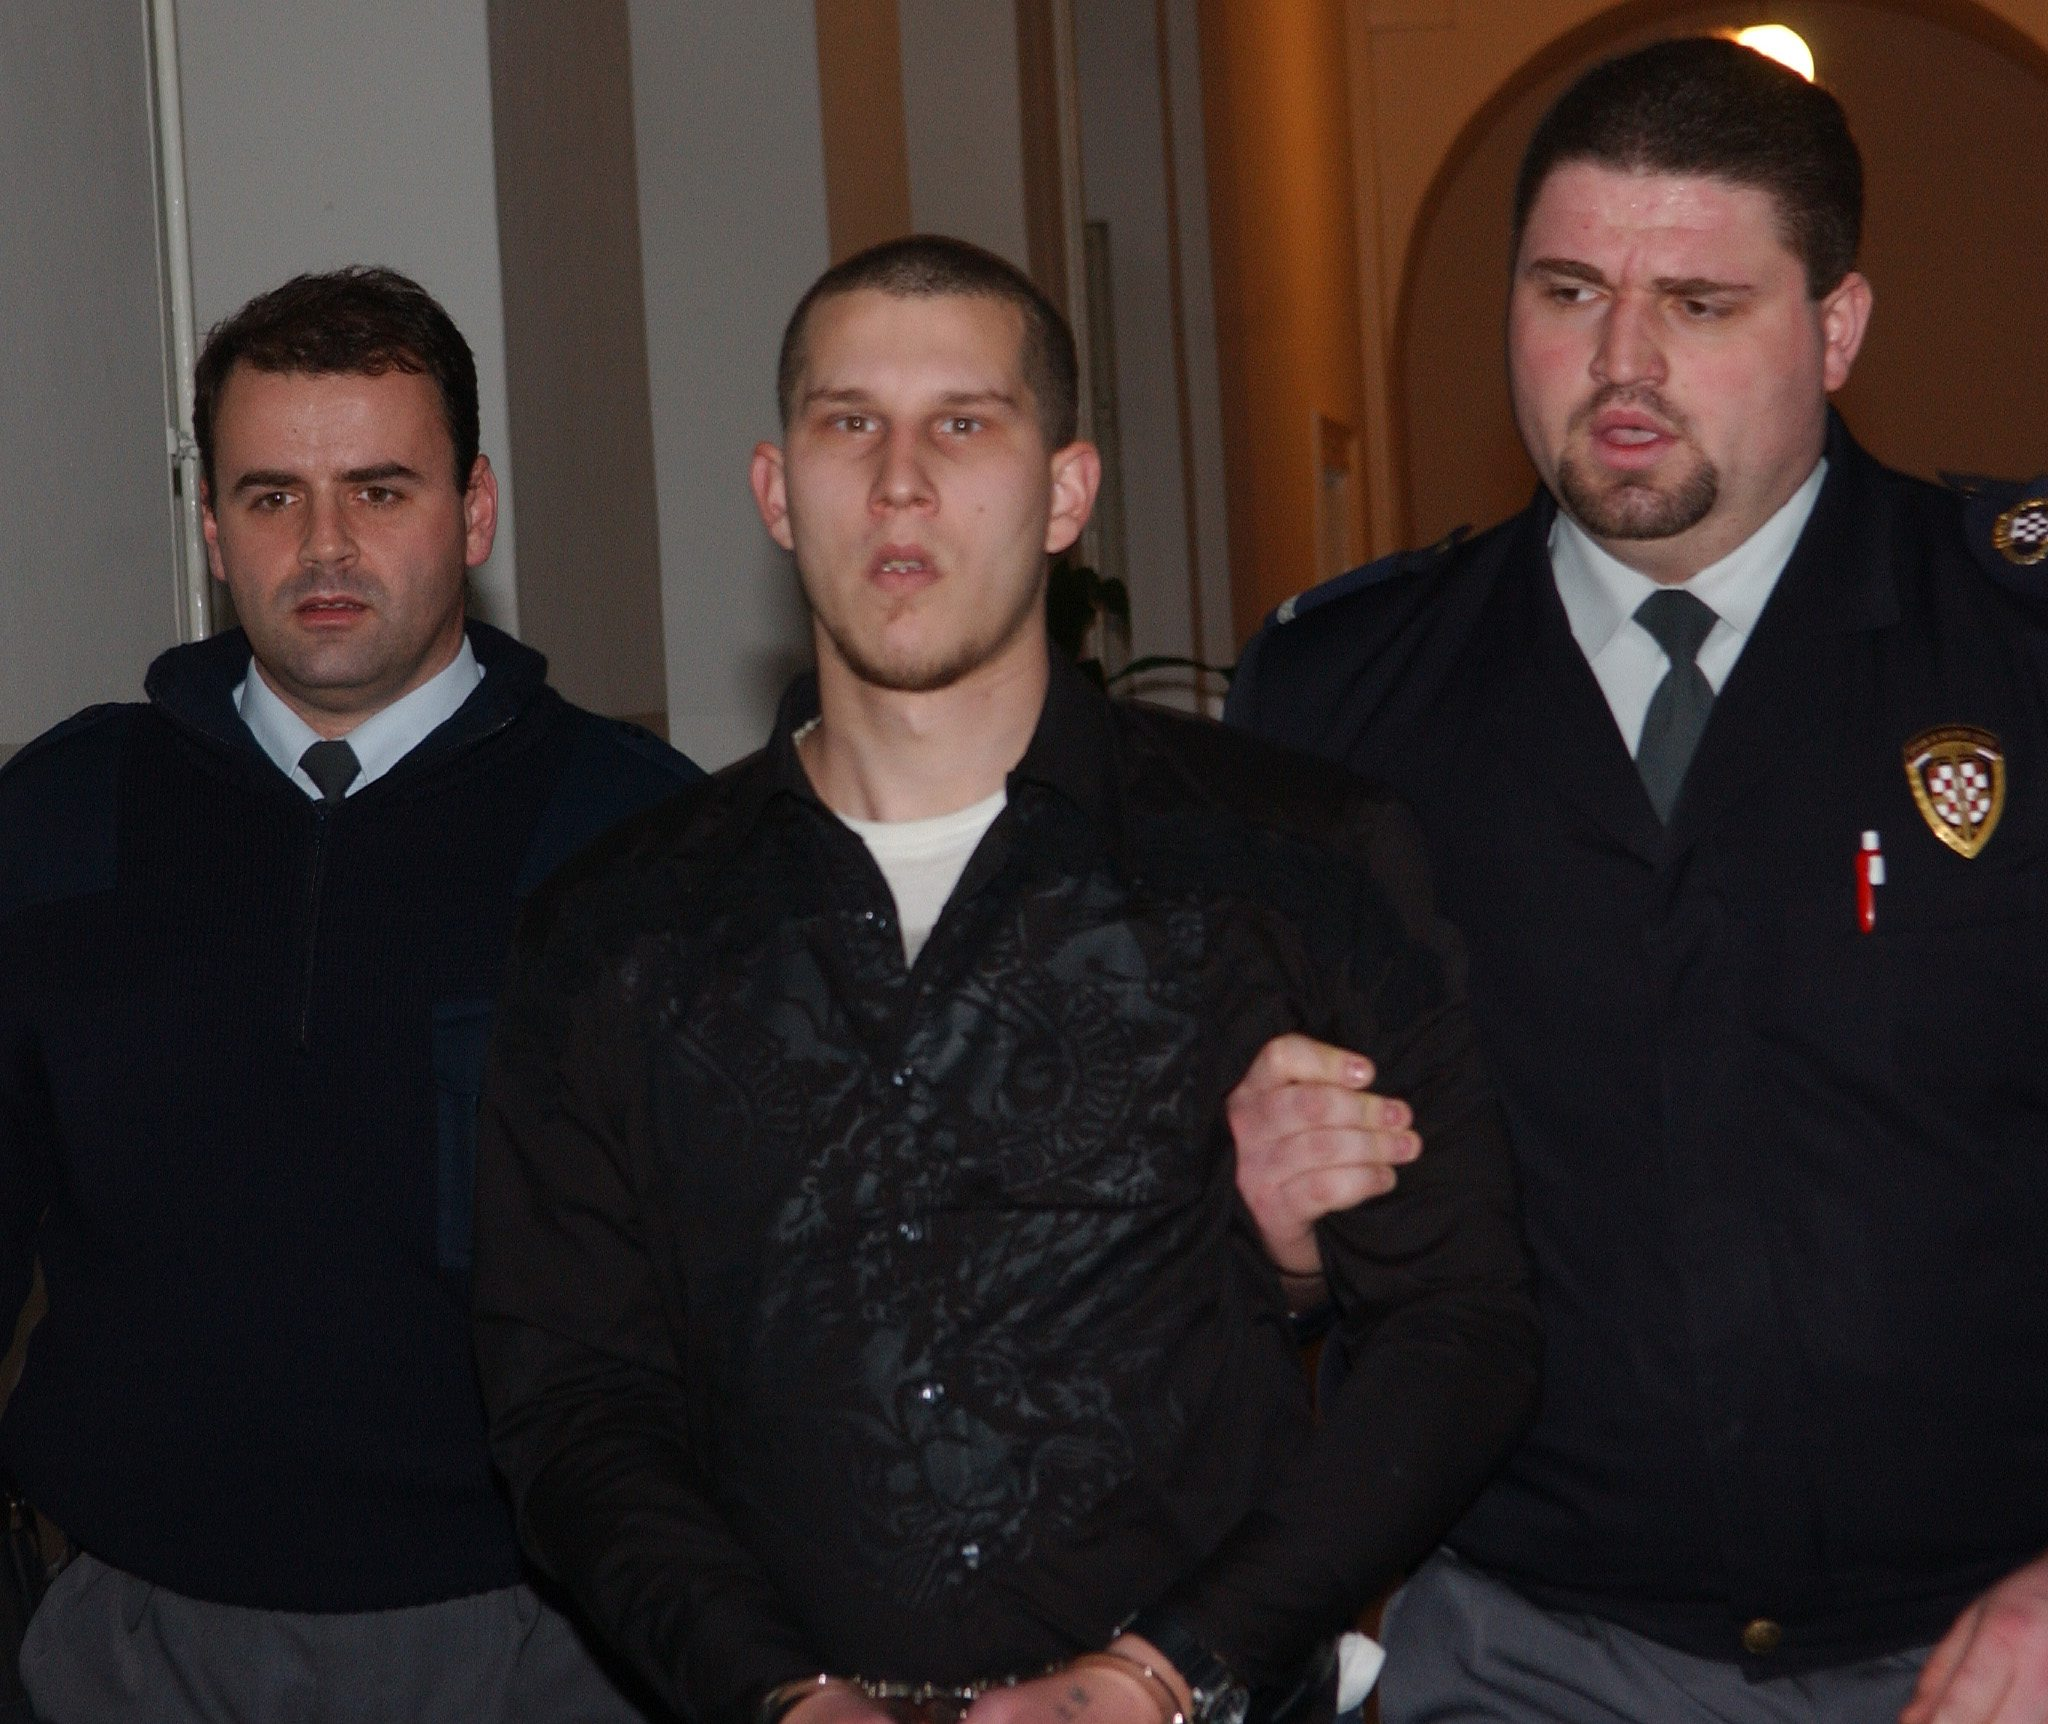 Rijeka,110108. Ivan Dvorski prvooptuzeni  za trostruko ubojstvo na Vezici. Foto: Zeljko Sop / Cropix